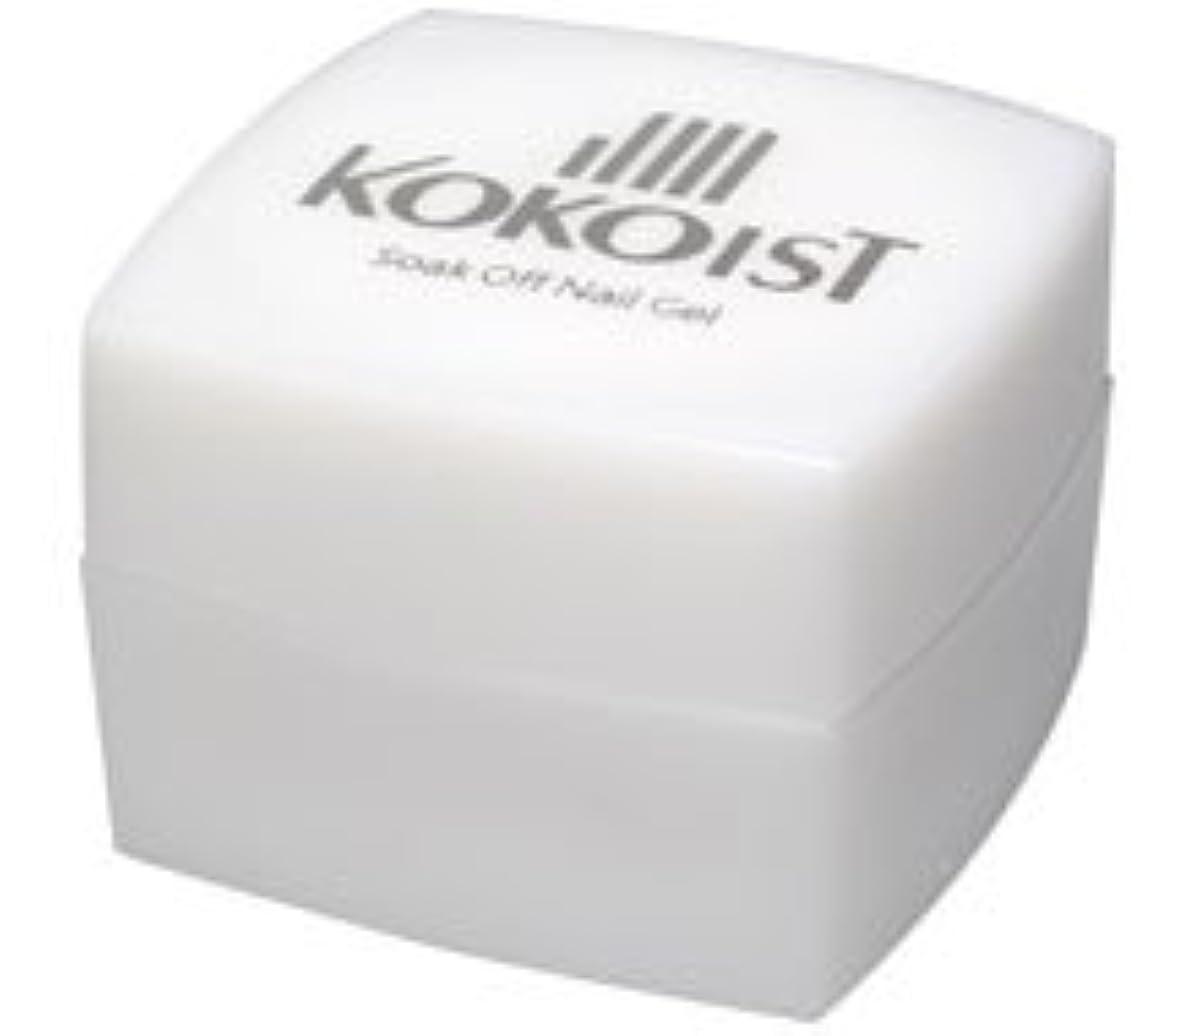 素晴らしさ作り上げる荒廃するKOKOIST(ココイスト) ソークオフ クリアジェル プラチナボンドII 4g